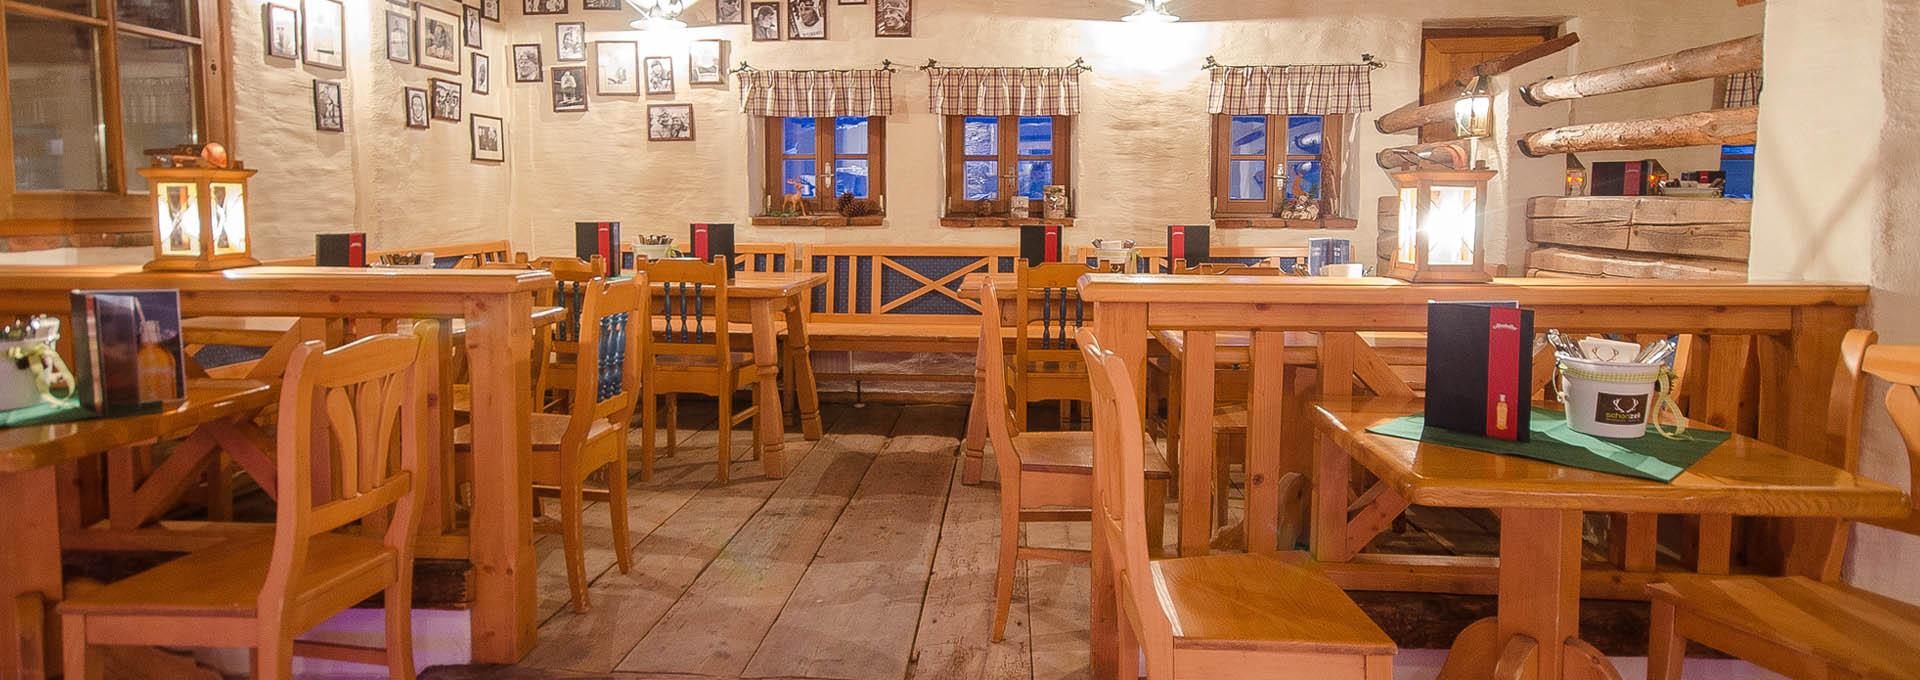 Skihütte Restaurant in Flachau - Schonzeit